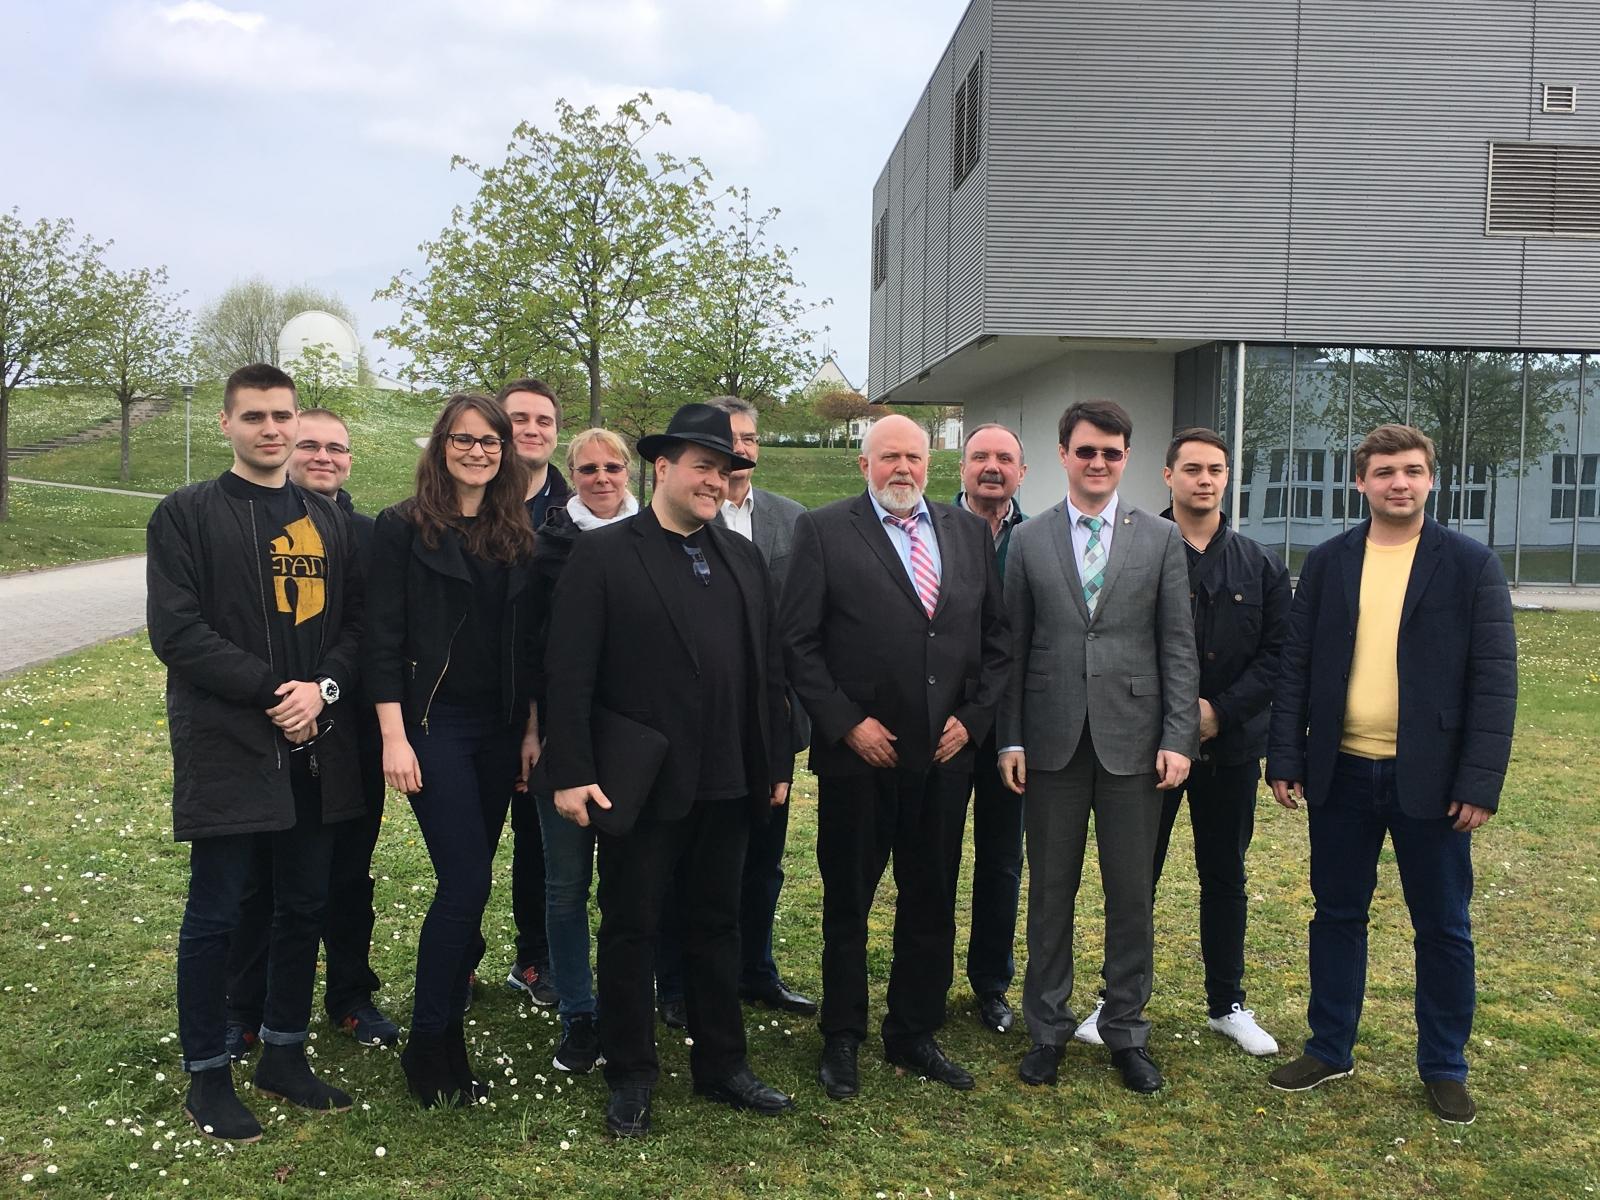 Делегация ВШПМиЭ посетила Высшую школу прикладных наук города Кайзерслаутерна